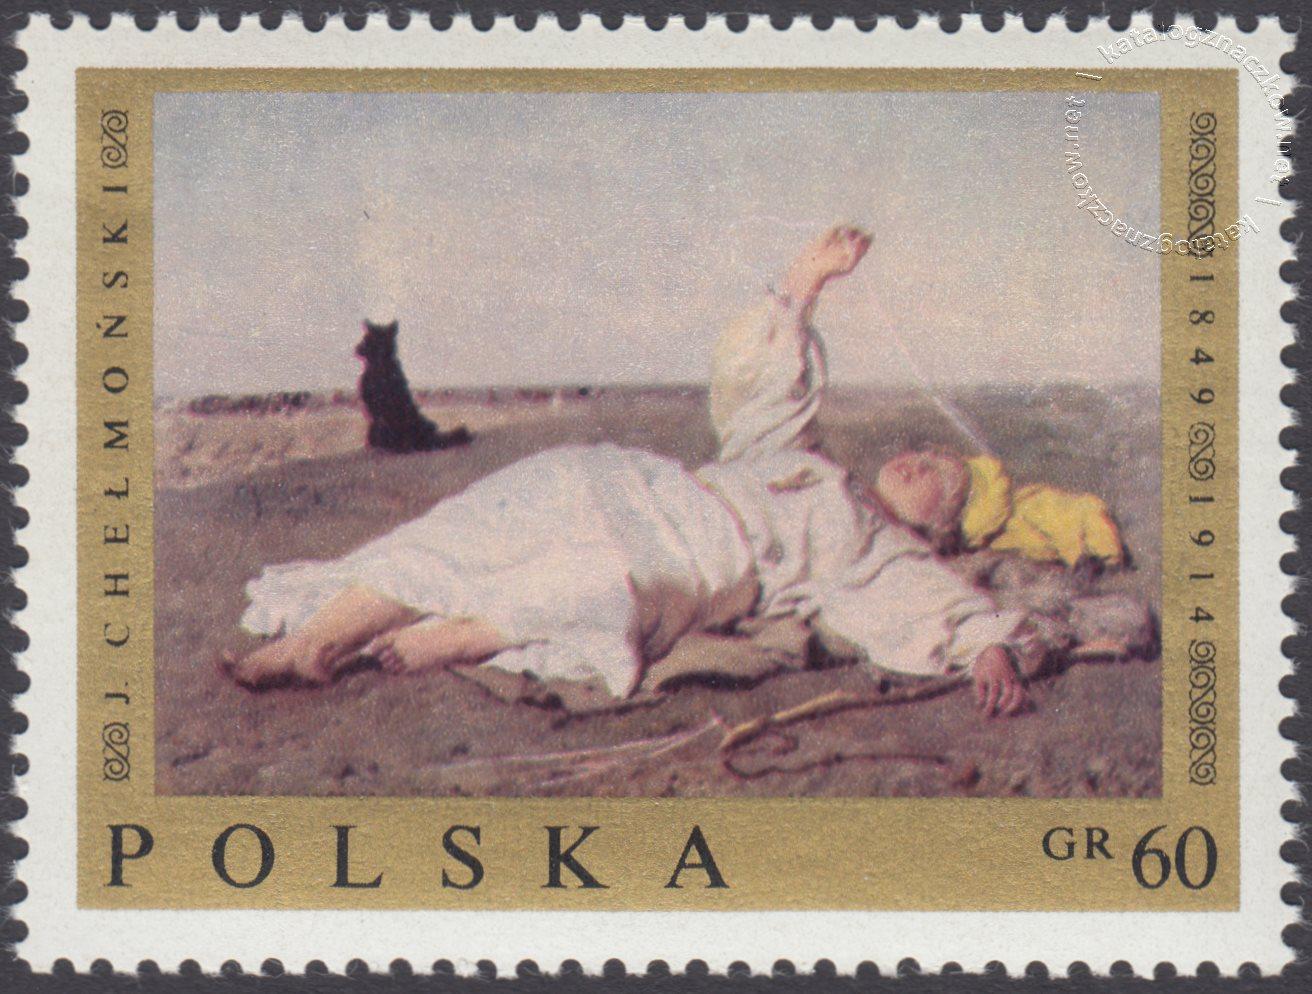 Malarstwo polskie znaczek nr 1796